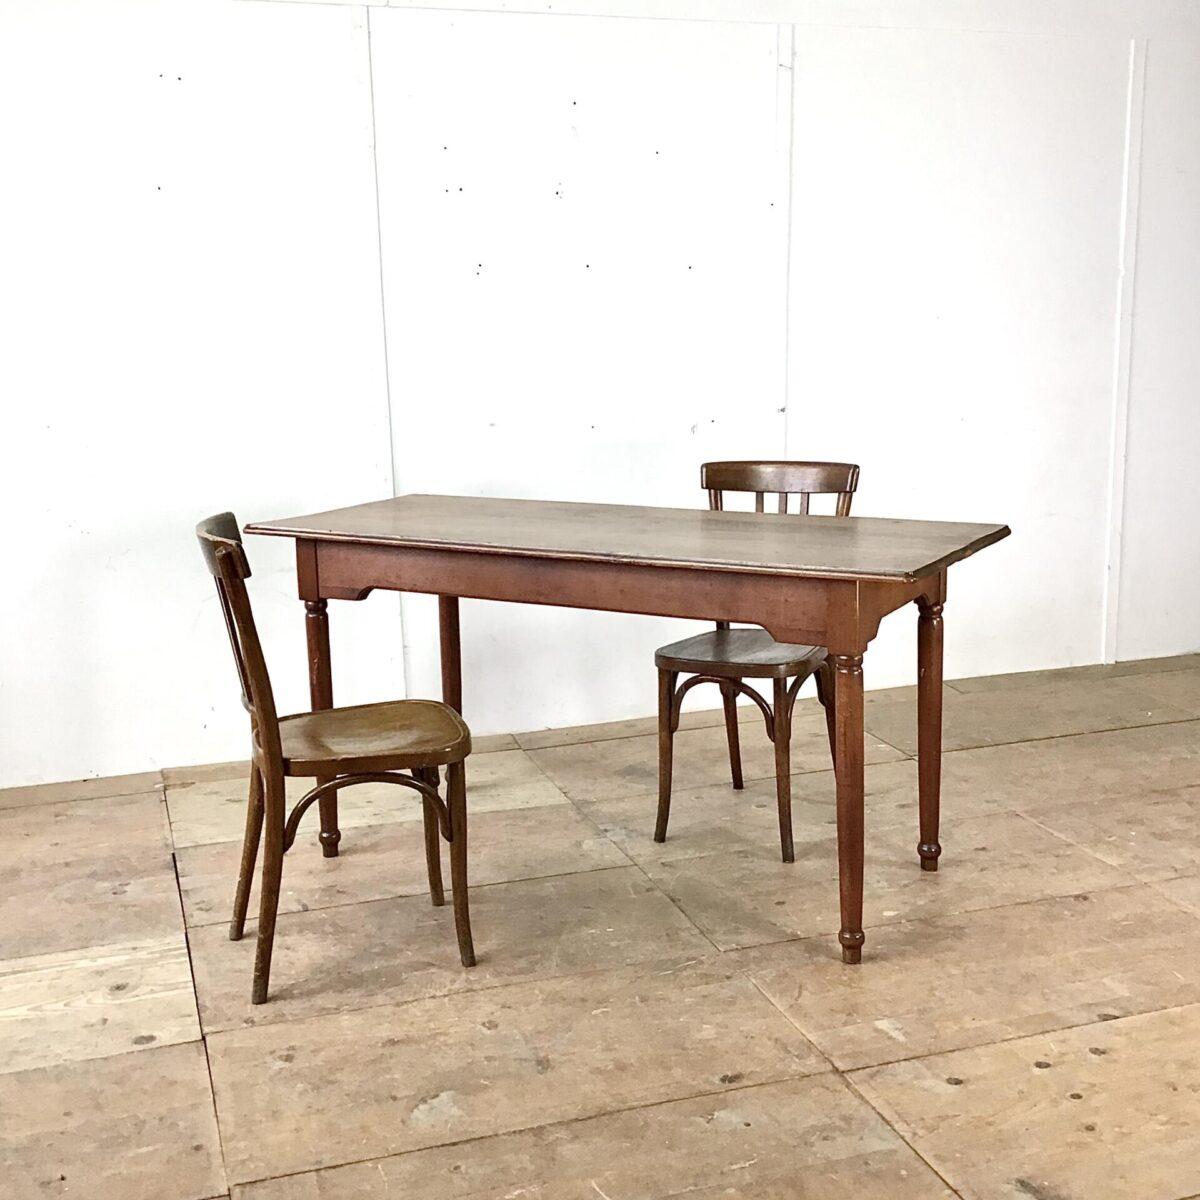 Holztisch Buche massiv dunkel gebeizt 160mal67cm. Tischblatt mit regelmässiger Alters Patina und profilierter Kante. Beine gedrechselt, zargen ausgenommen für eine angehneme Beinfreiheit.